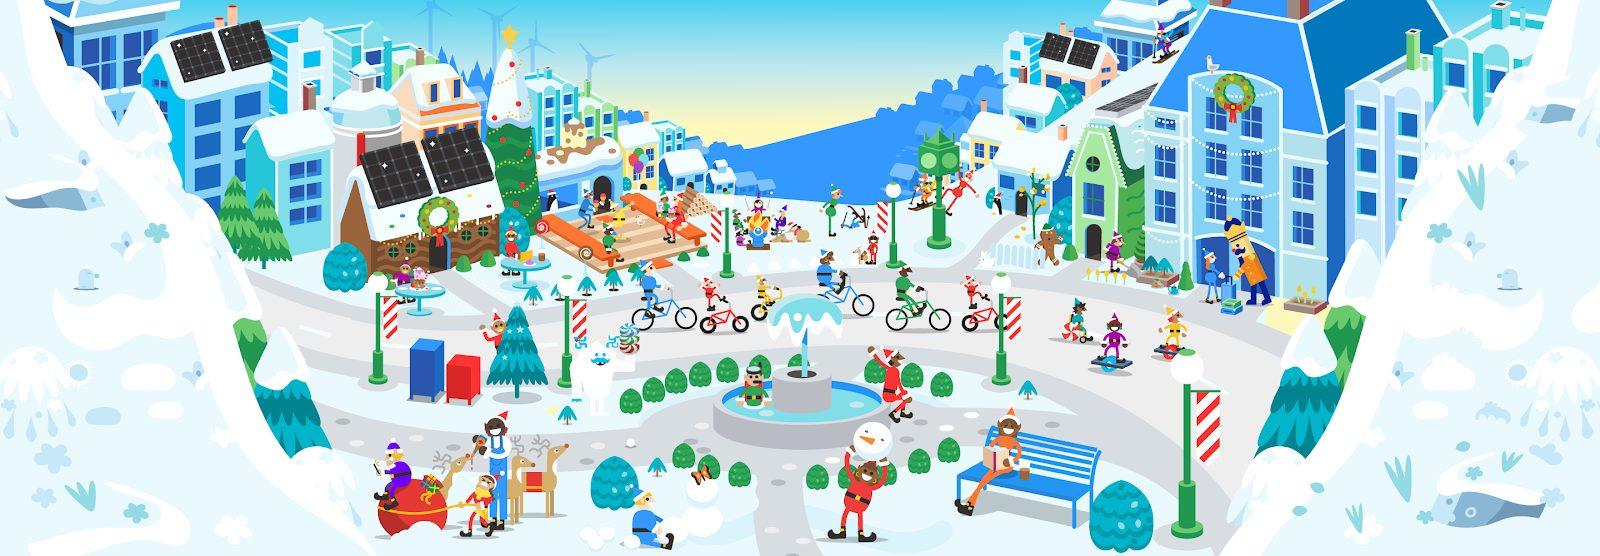 En vivo desde el Polo Norte - En la aldea de Papá Noel